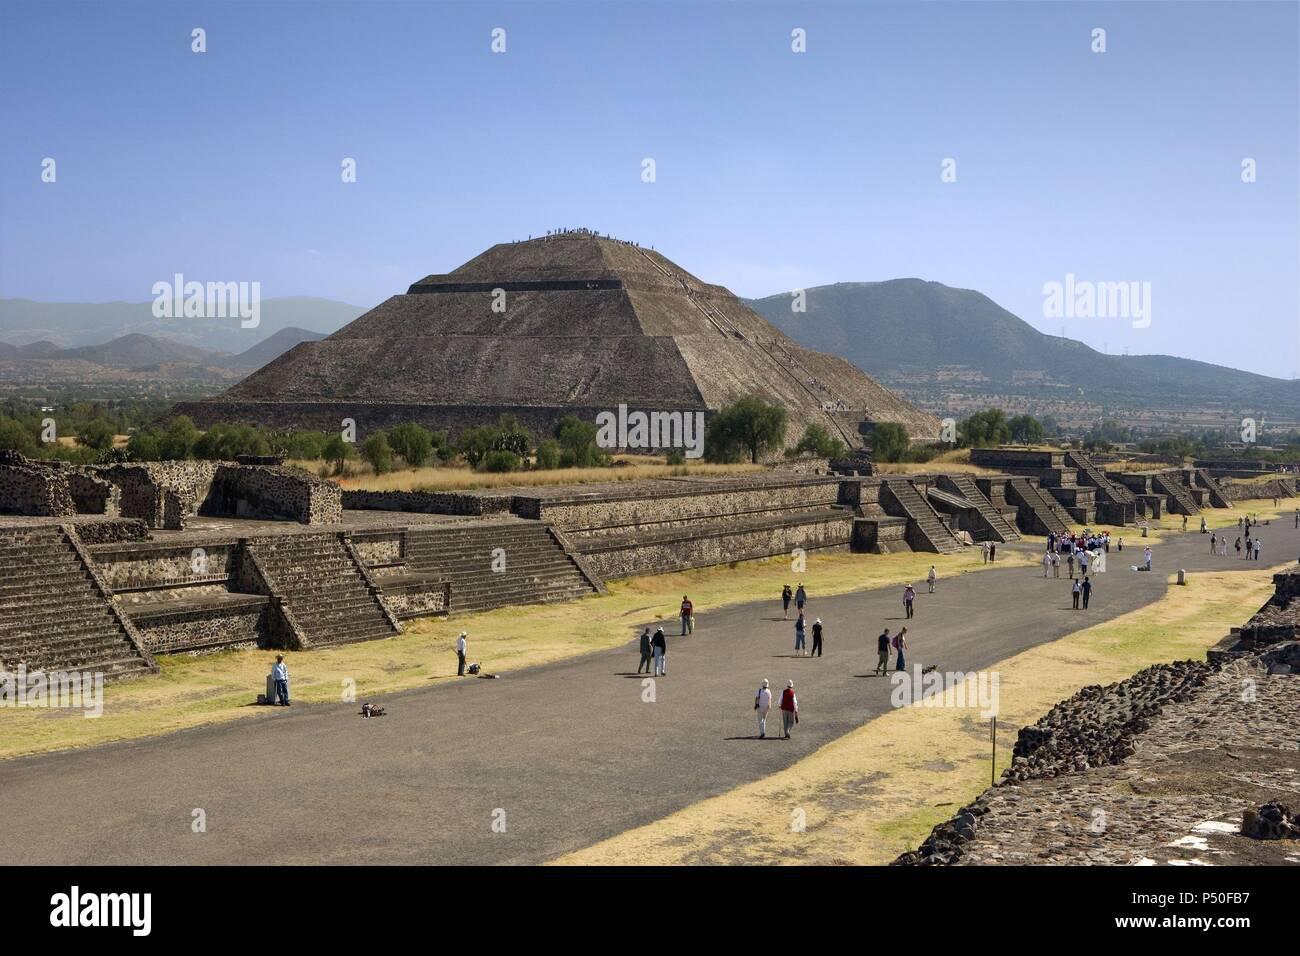 ARTE PRECOLOMBINO. MEXICO. SITIO ARQUEOLOGICO DE TEOTIHUACAN. Panorámica de la AVENIDA DE LOS MUERTOS eje central de la ciudad, con la PIRAMIDE DEL SOL. Declarado Patrimonio de la Humanidad por la UNESCO. - Stock Image